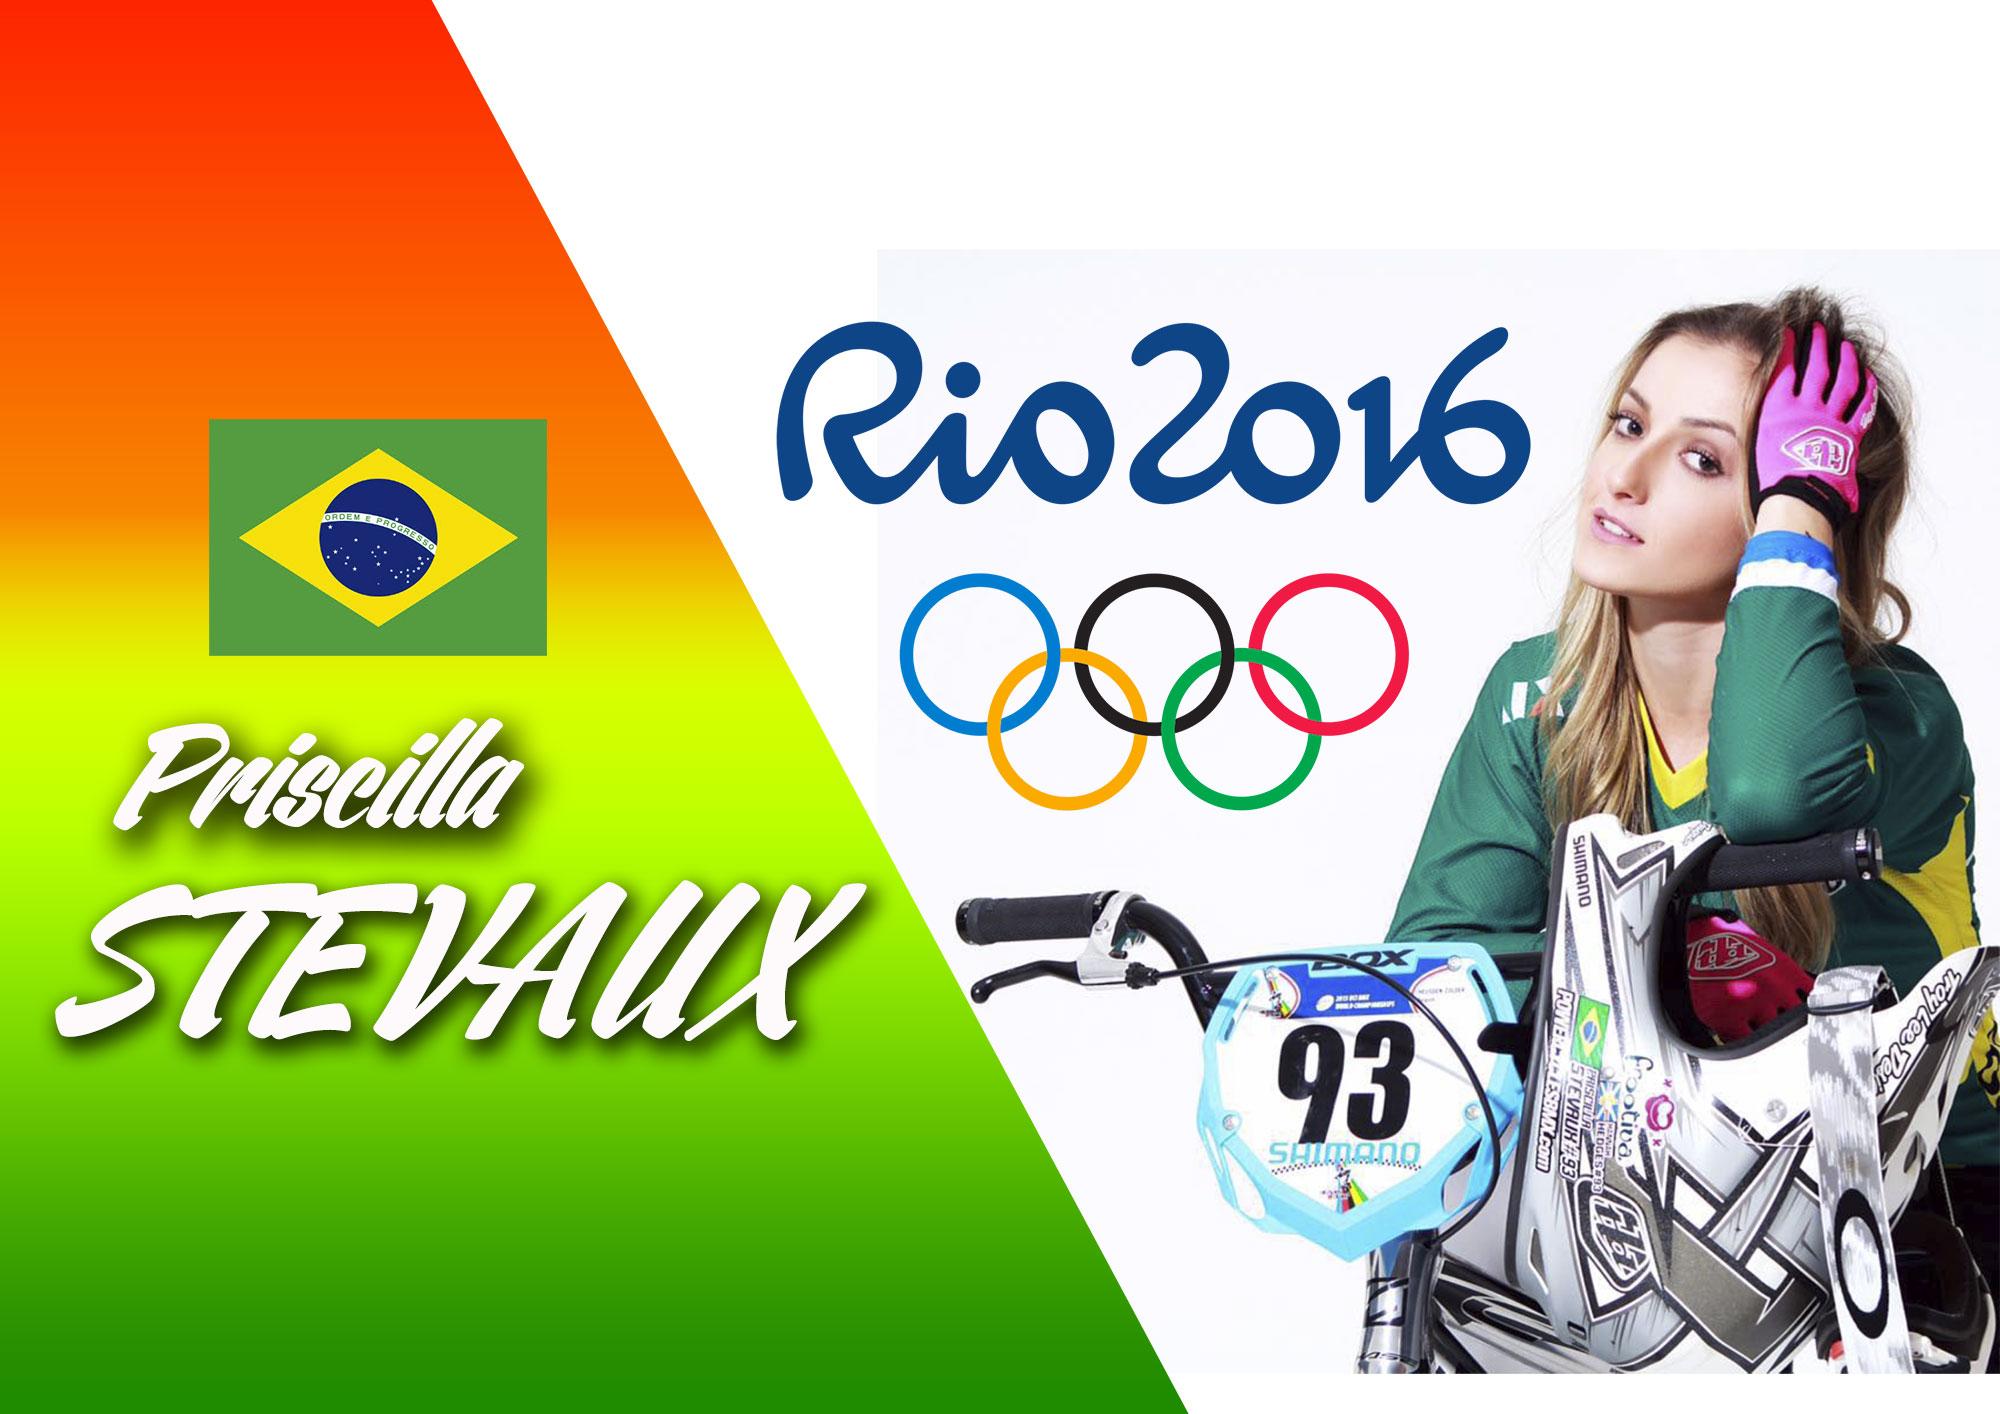 ITW JO: Priscilla STEVAUX, l'espoir brésilien